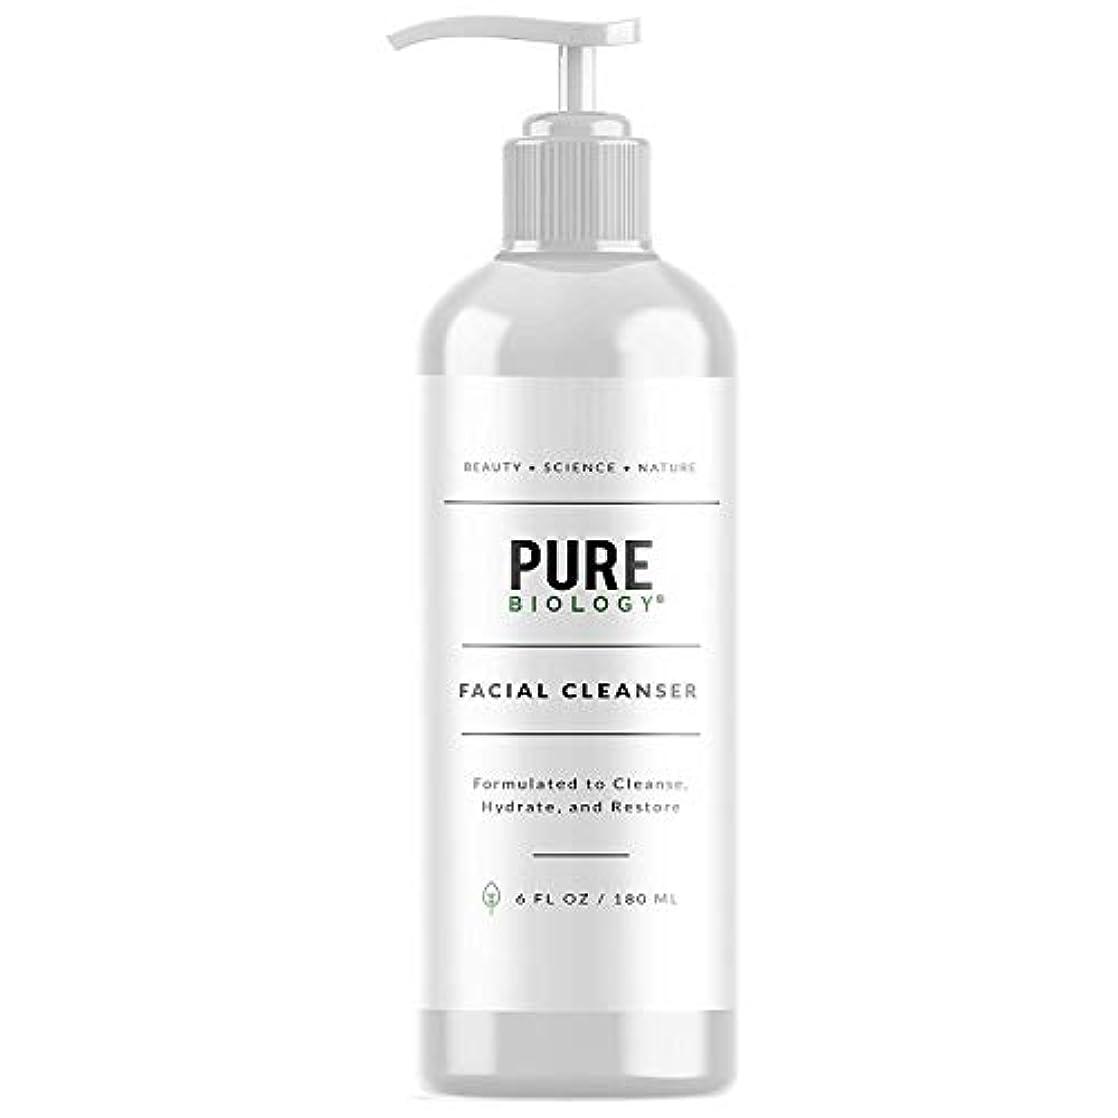 ポケット債務者本体[Pure Biology] [Premium Facial Cleanser with Hyaluronic Acid, Natural Essential Oils & Anti Aging Complex – Face Wash Firms, Tightens Wrinkles, Lightens Dark Circles, Dark Spots] (並行輸入品)